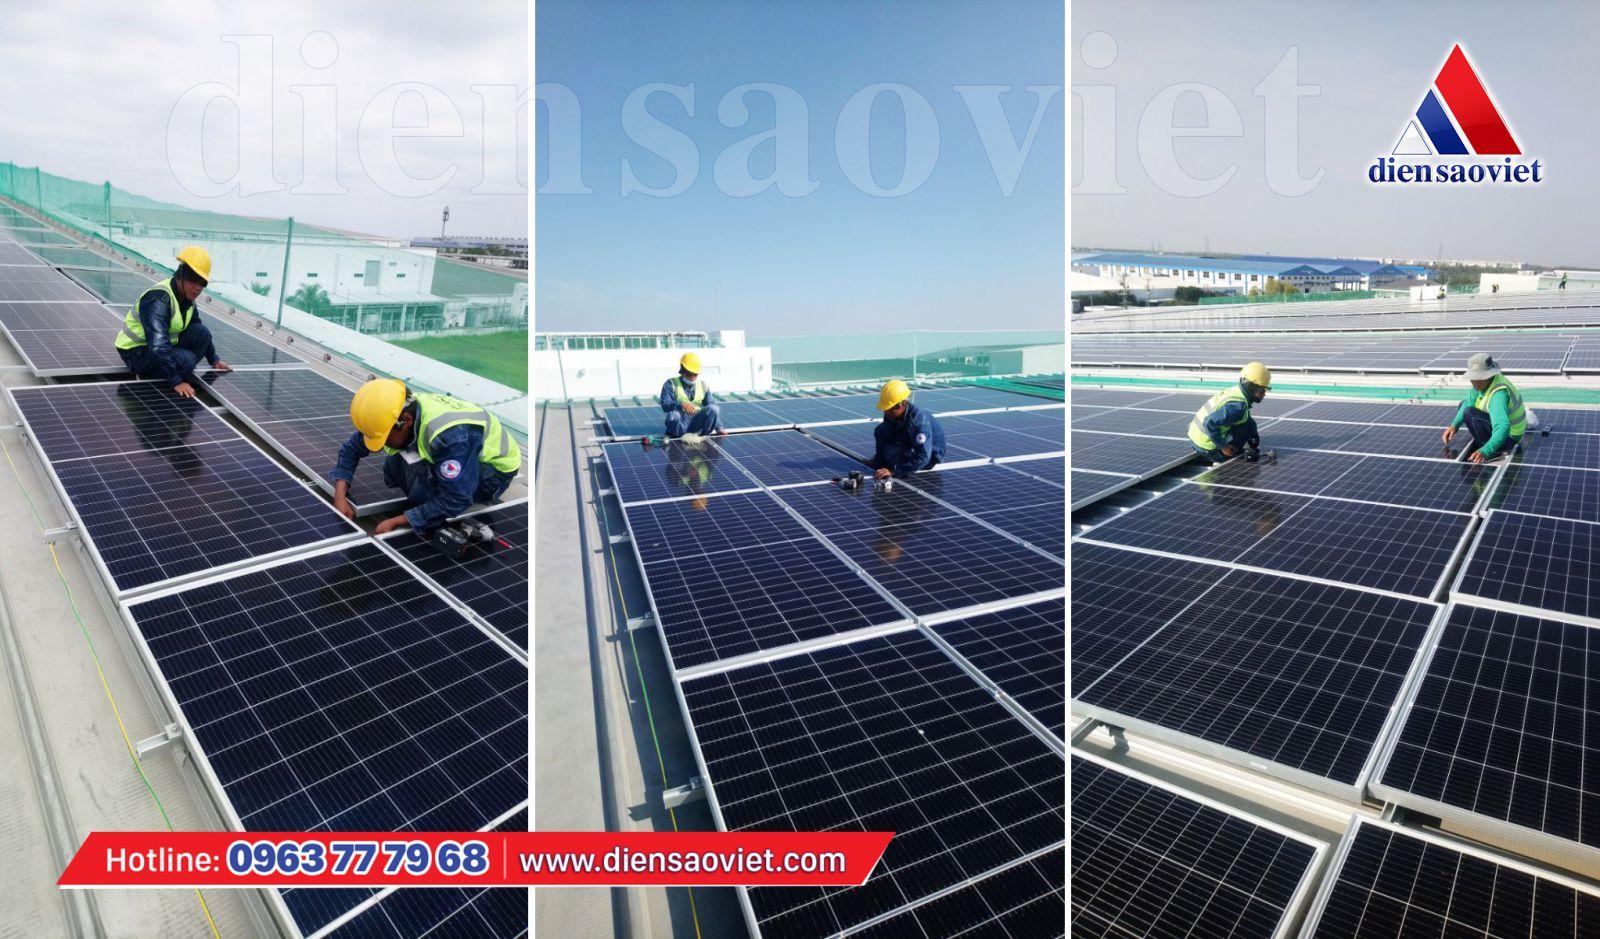 Công ty Điện Sao Việt thi công hệ thống điện mặt trời mái nhà cho doanh nghiệp